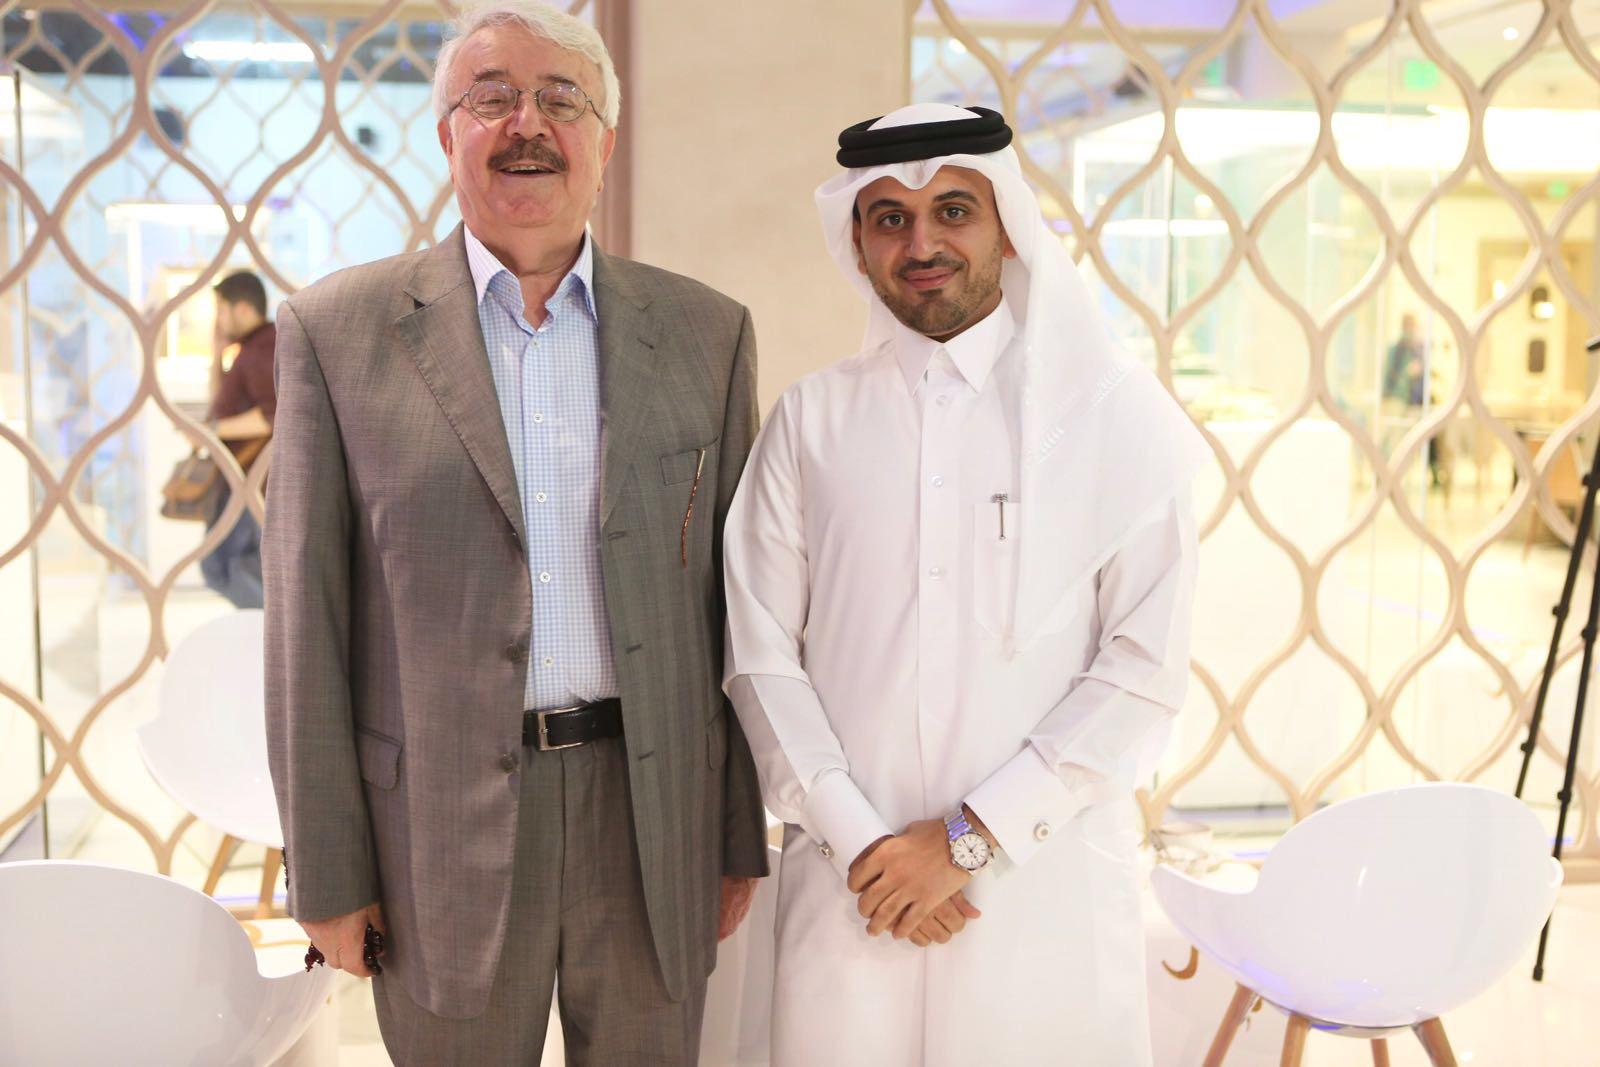 صورة المدرب احمد المالكي مع الدكتور ناجي صبري